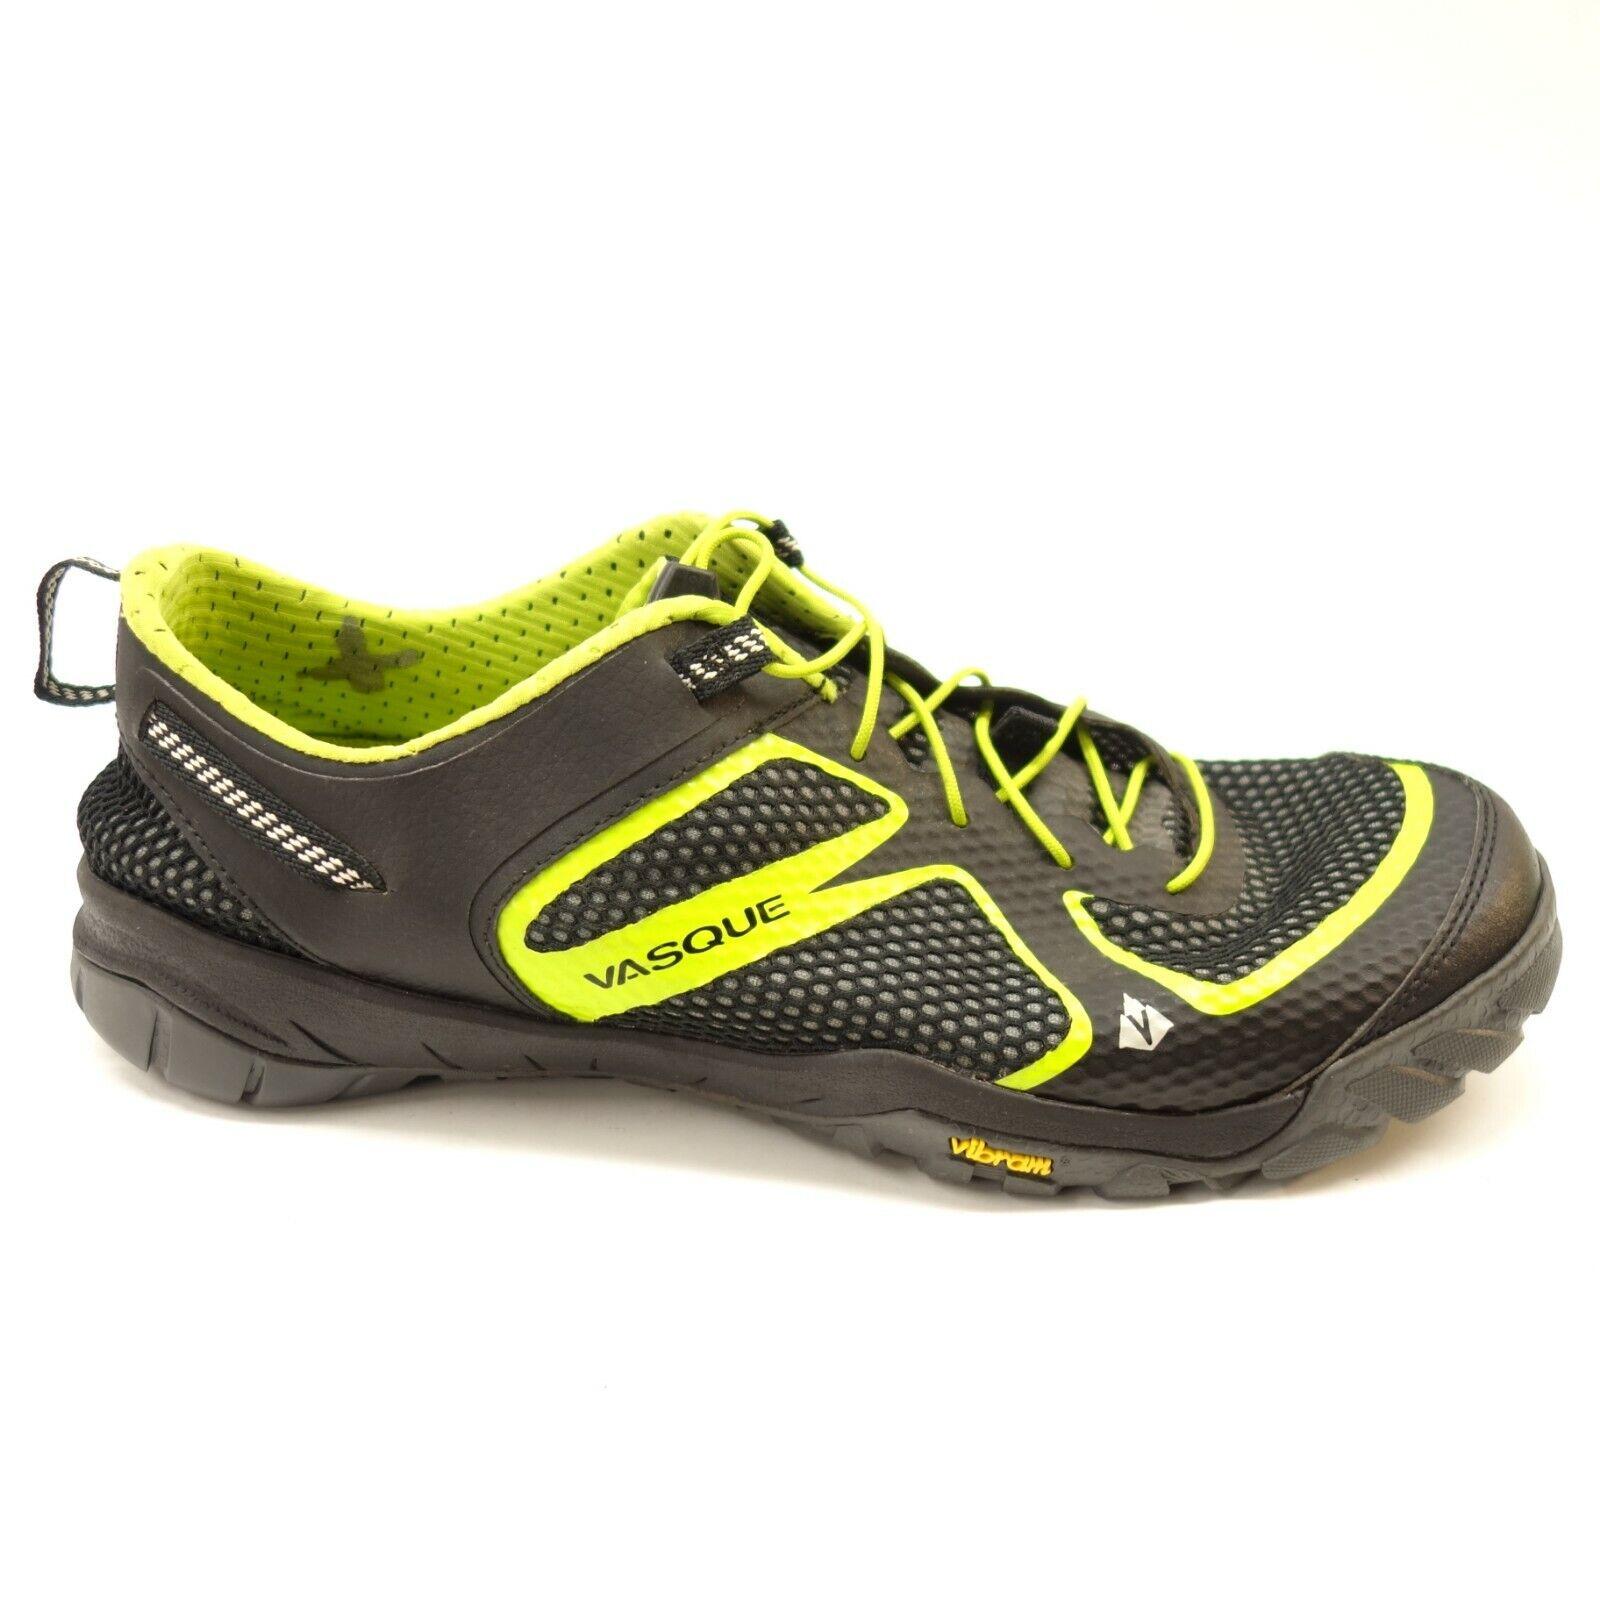 Vasque Herren Lotic Schwarze Athletic Trail Vibram Laufen Schuh Größe 11.5